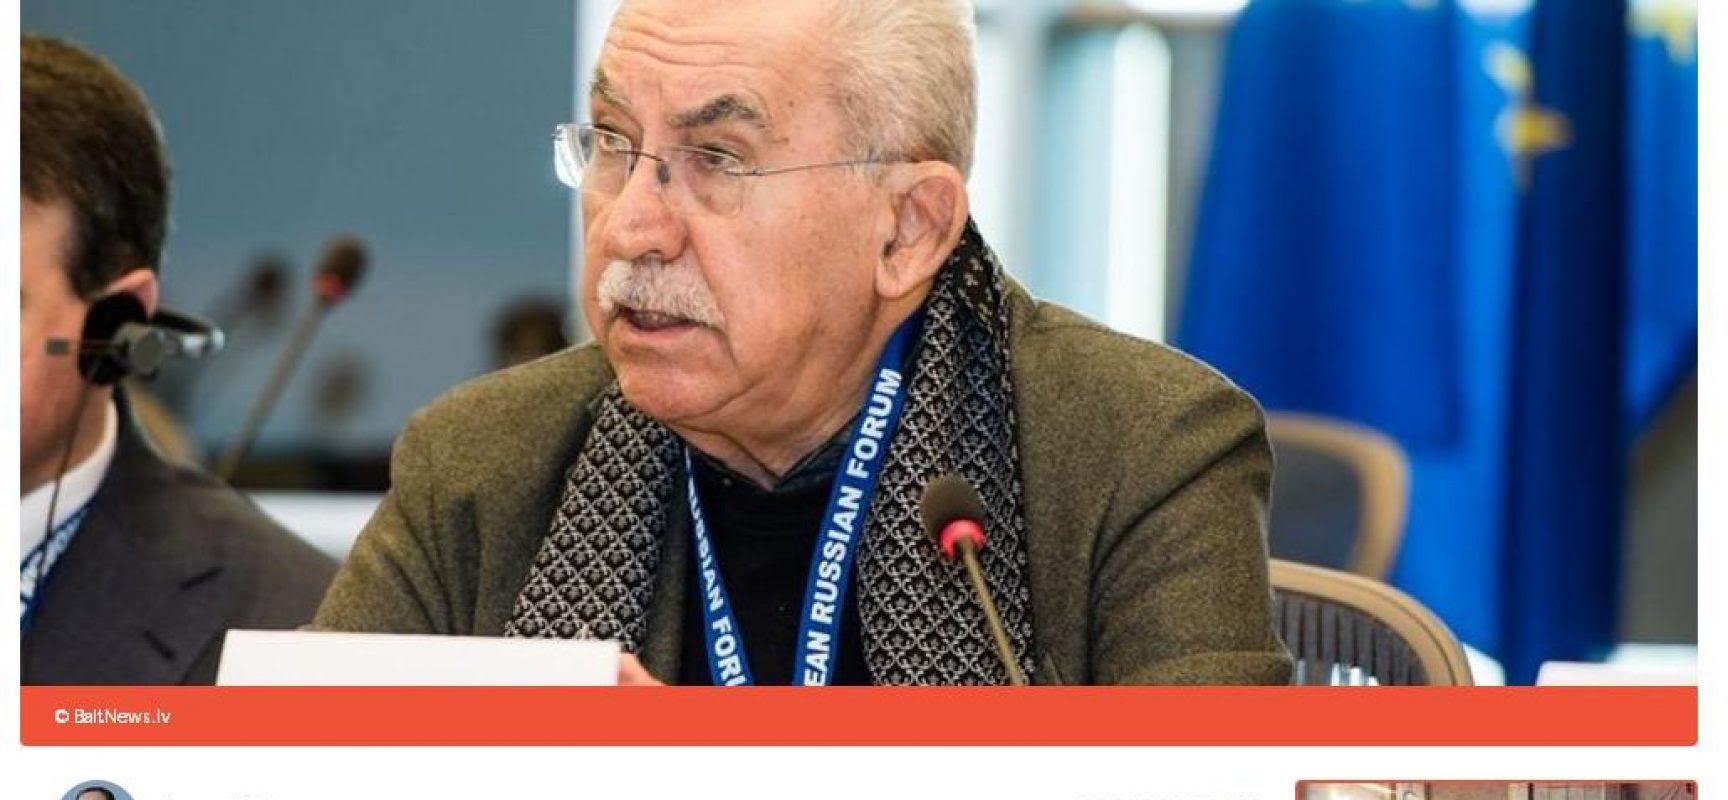 """Giulietto Chiesa Grillino afferma che La Stampa """"corrompe"""" e intimidisce i giornalisti"""